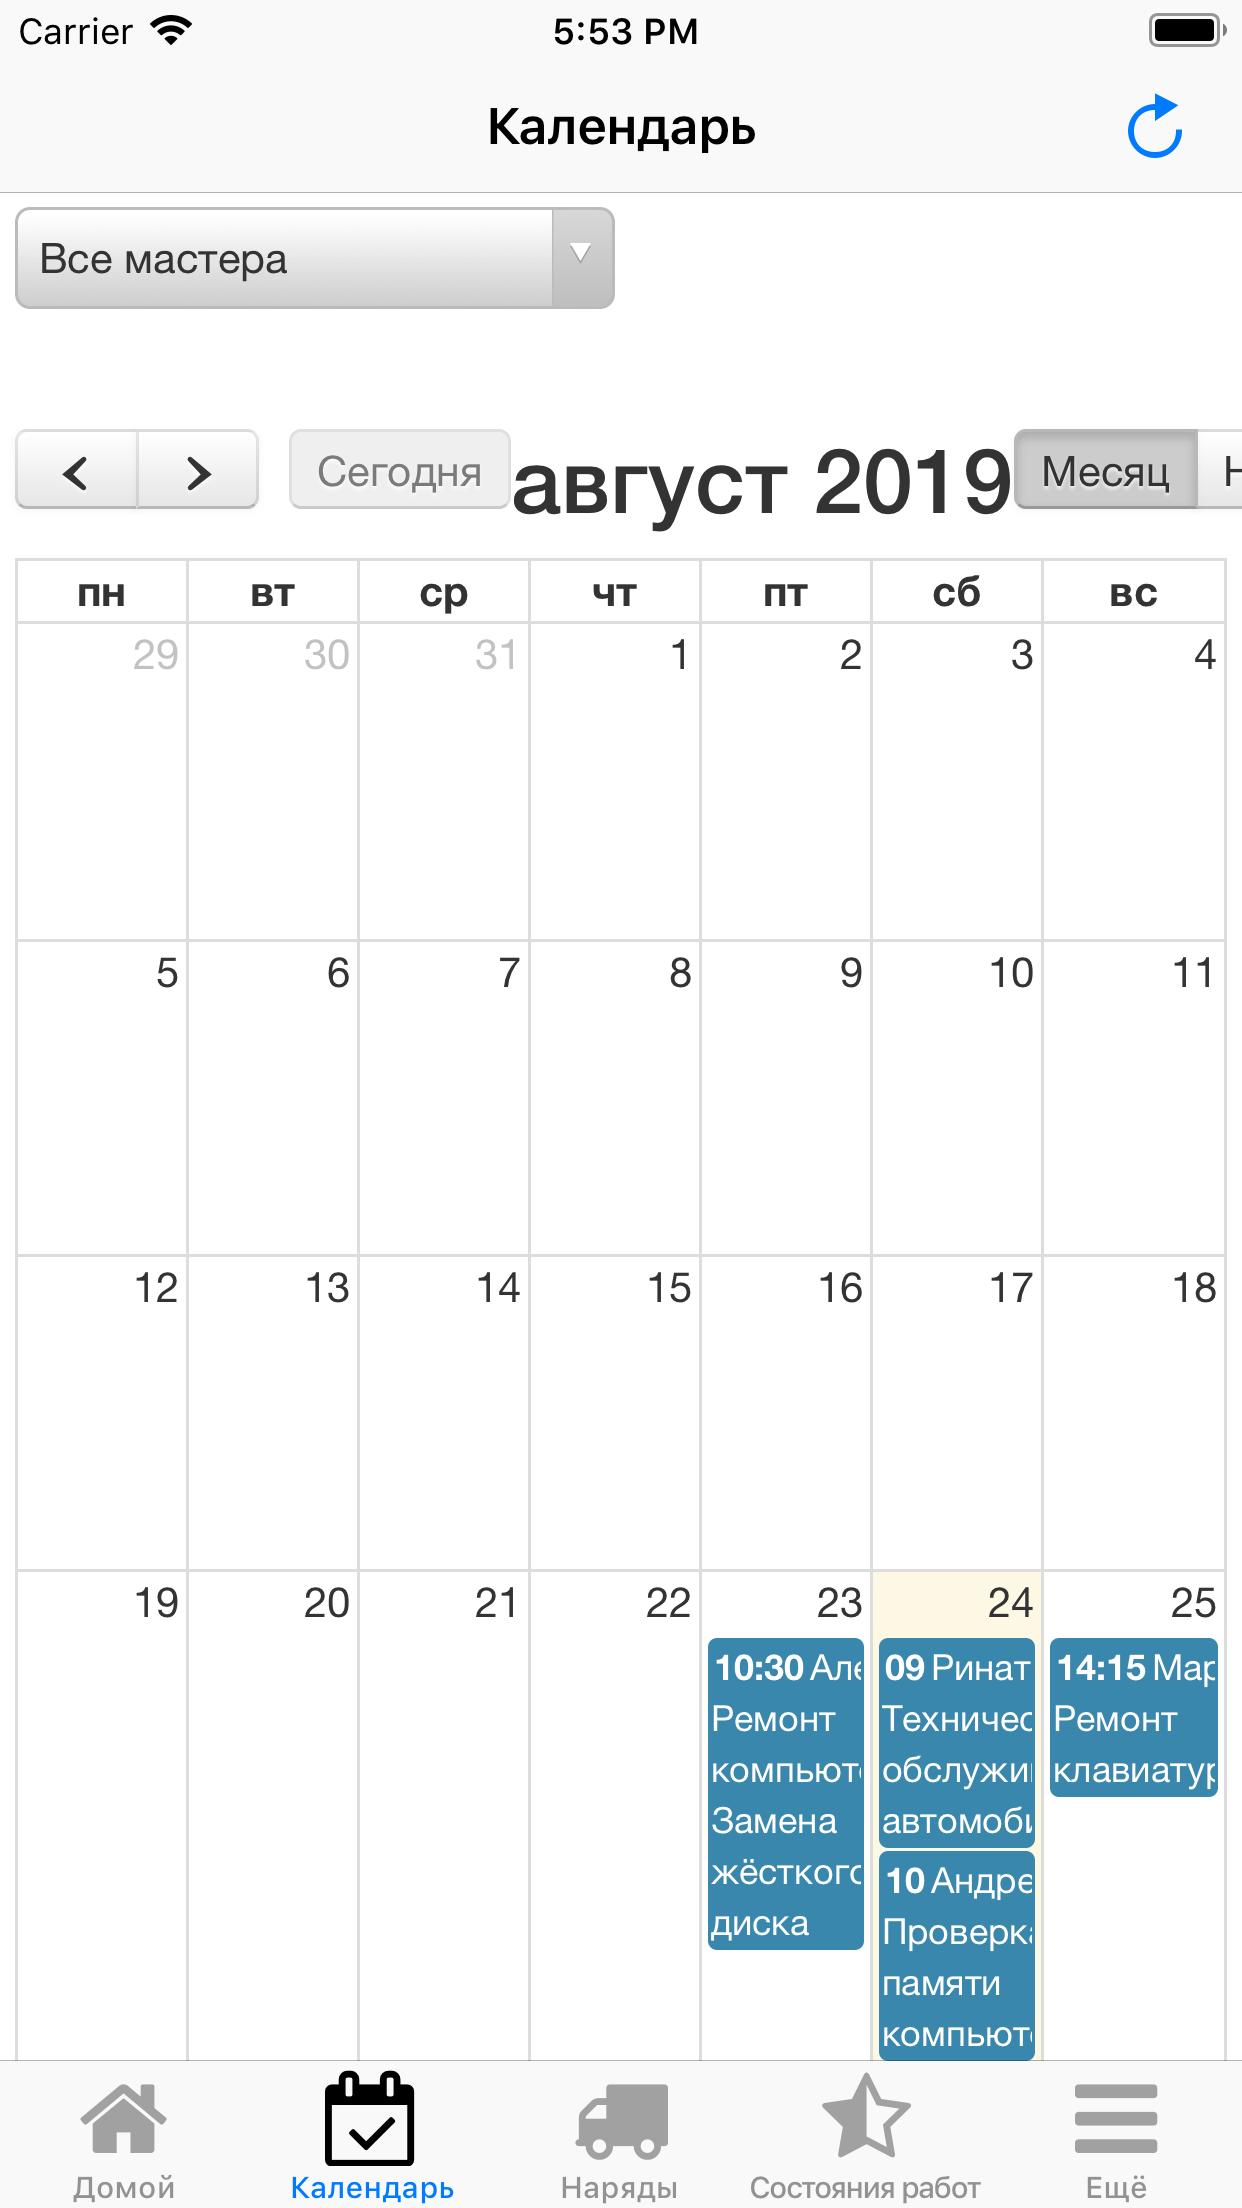 Нано управление сервисом. Календарь